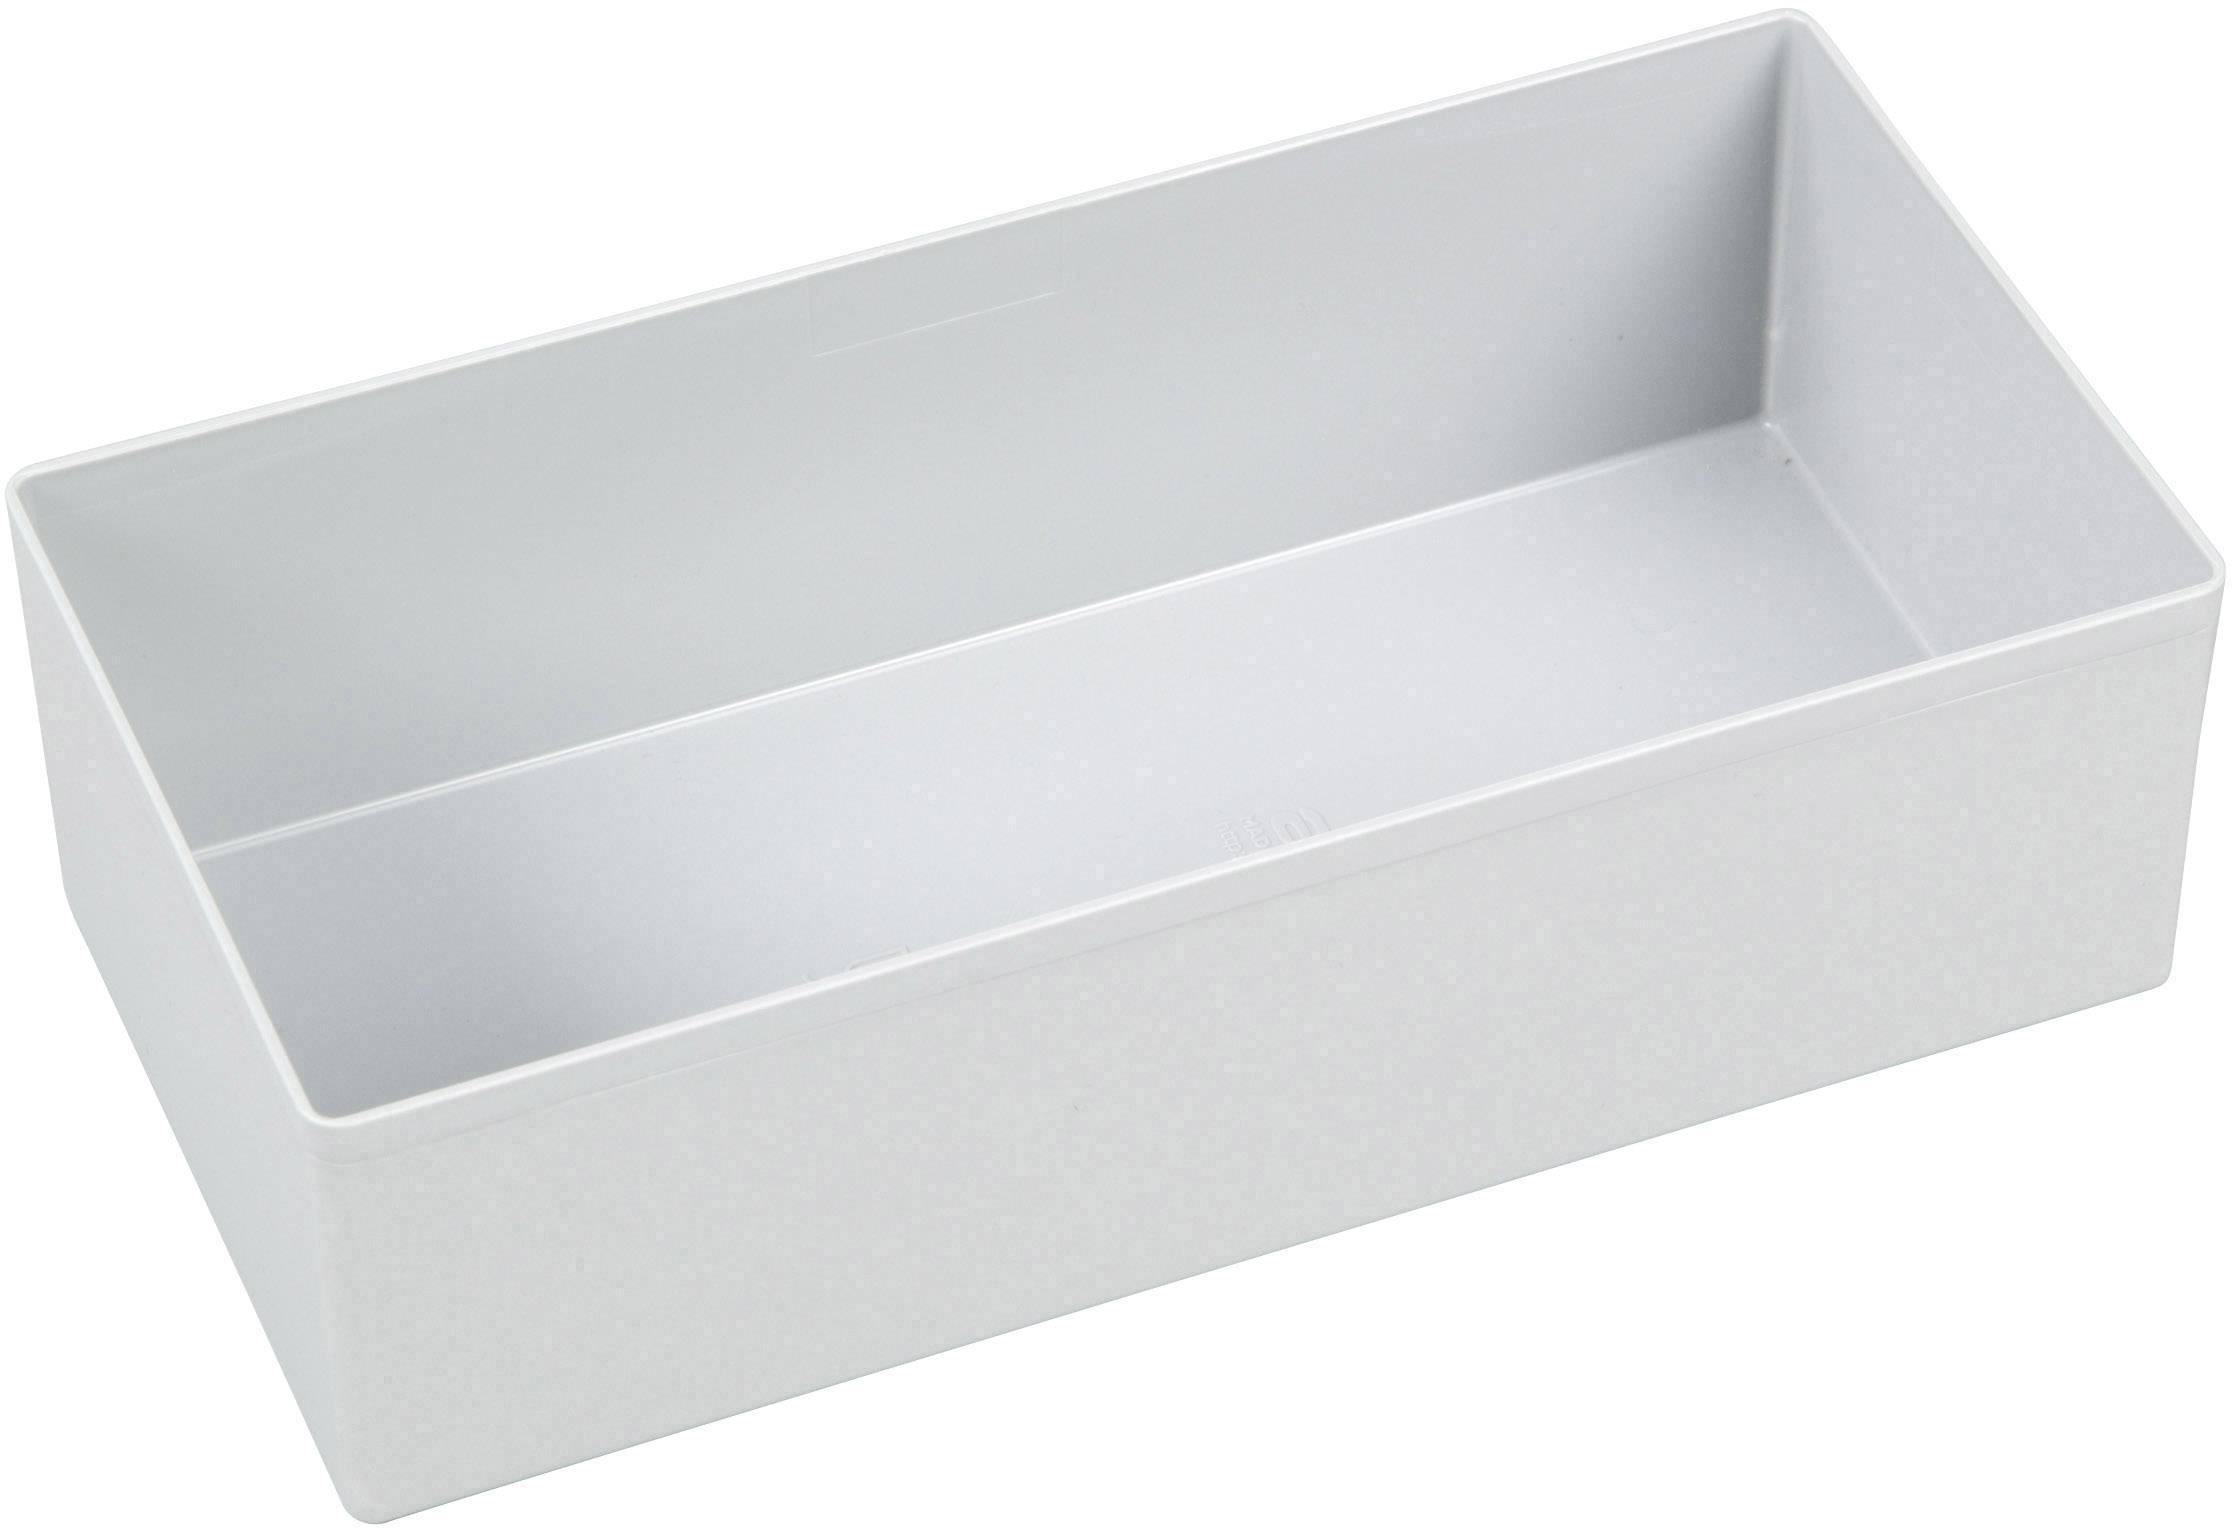 Vložka do kufříku na součástky Allit, 456309, 108 x 216 x 63 , šedá